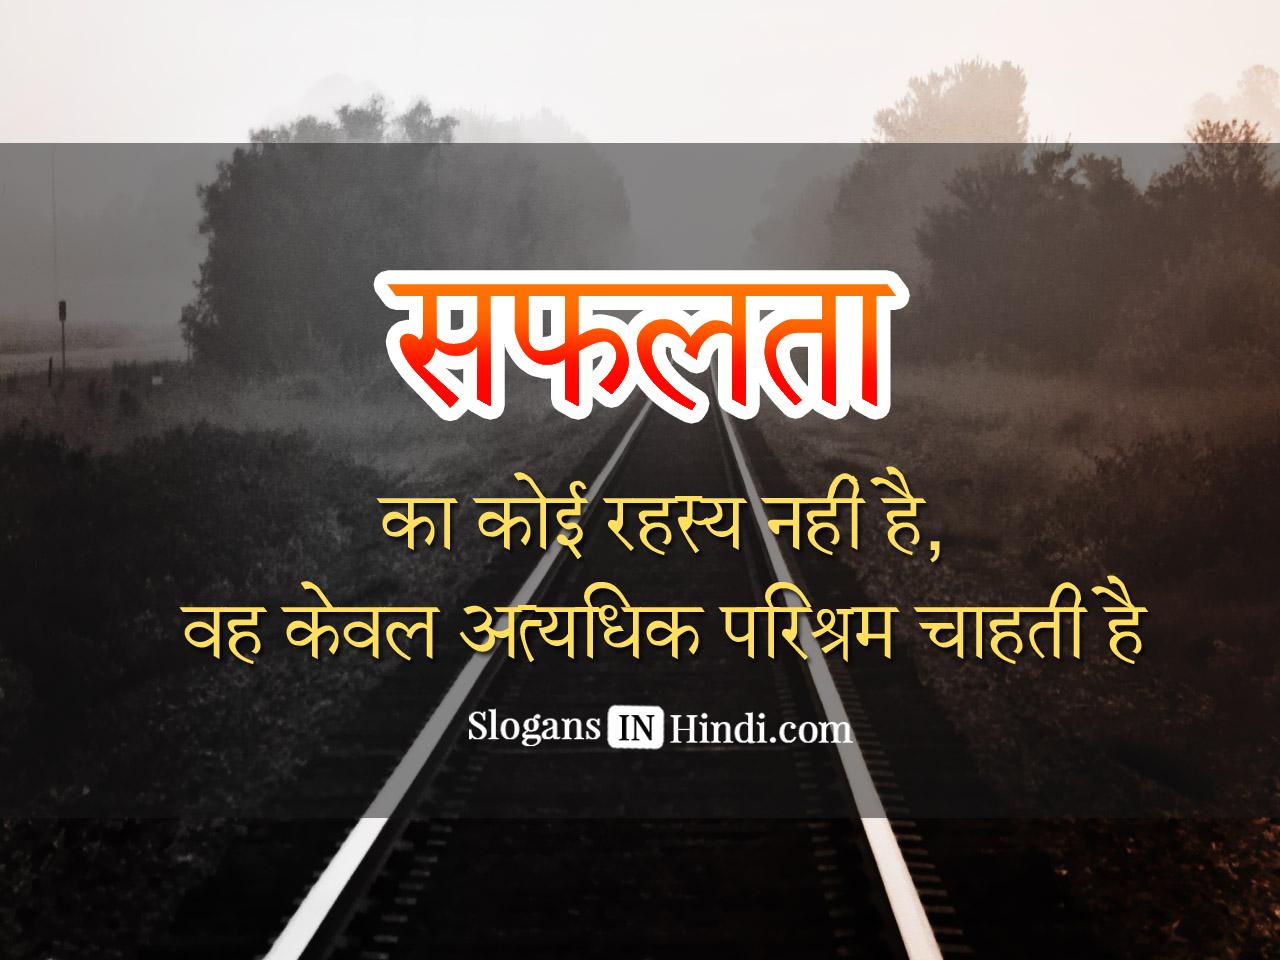 Shop Slogan In Hindi — VACA